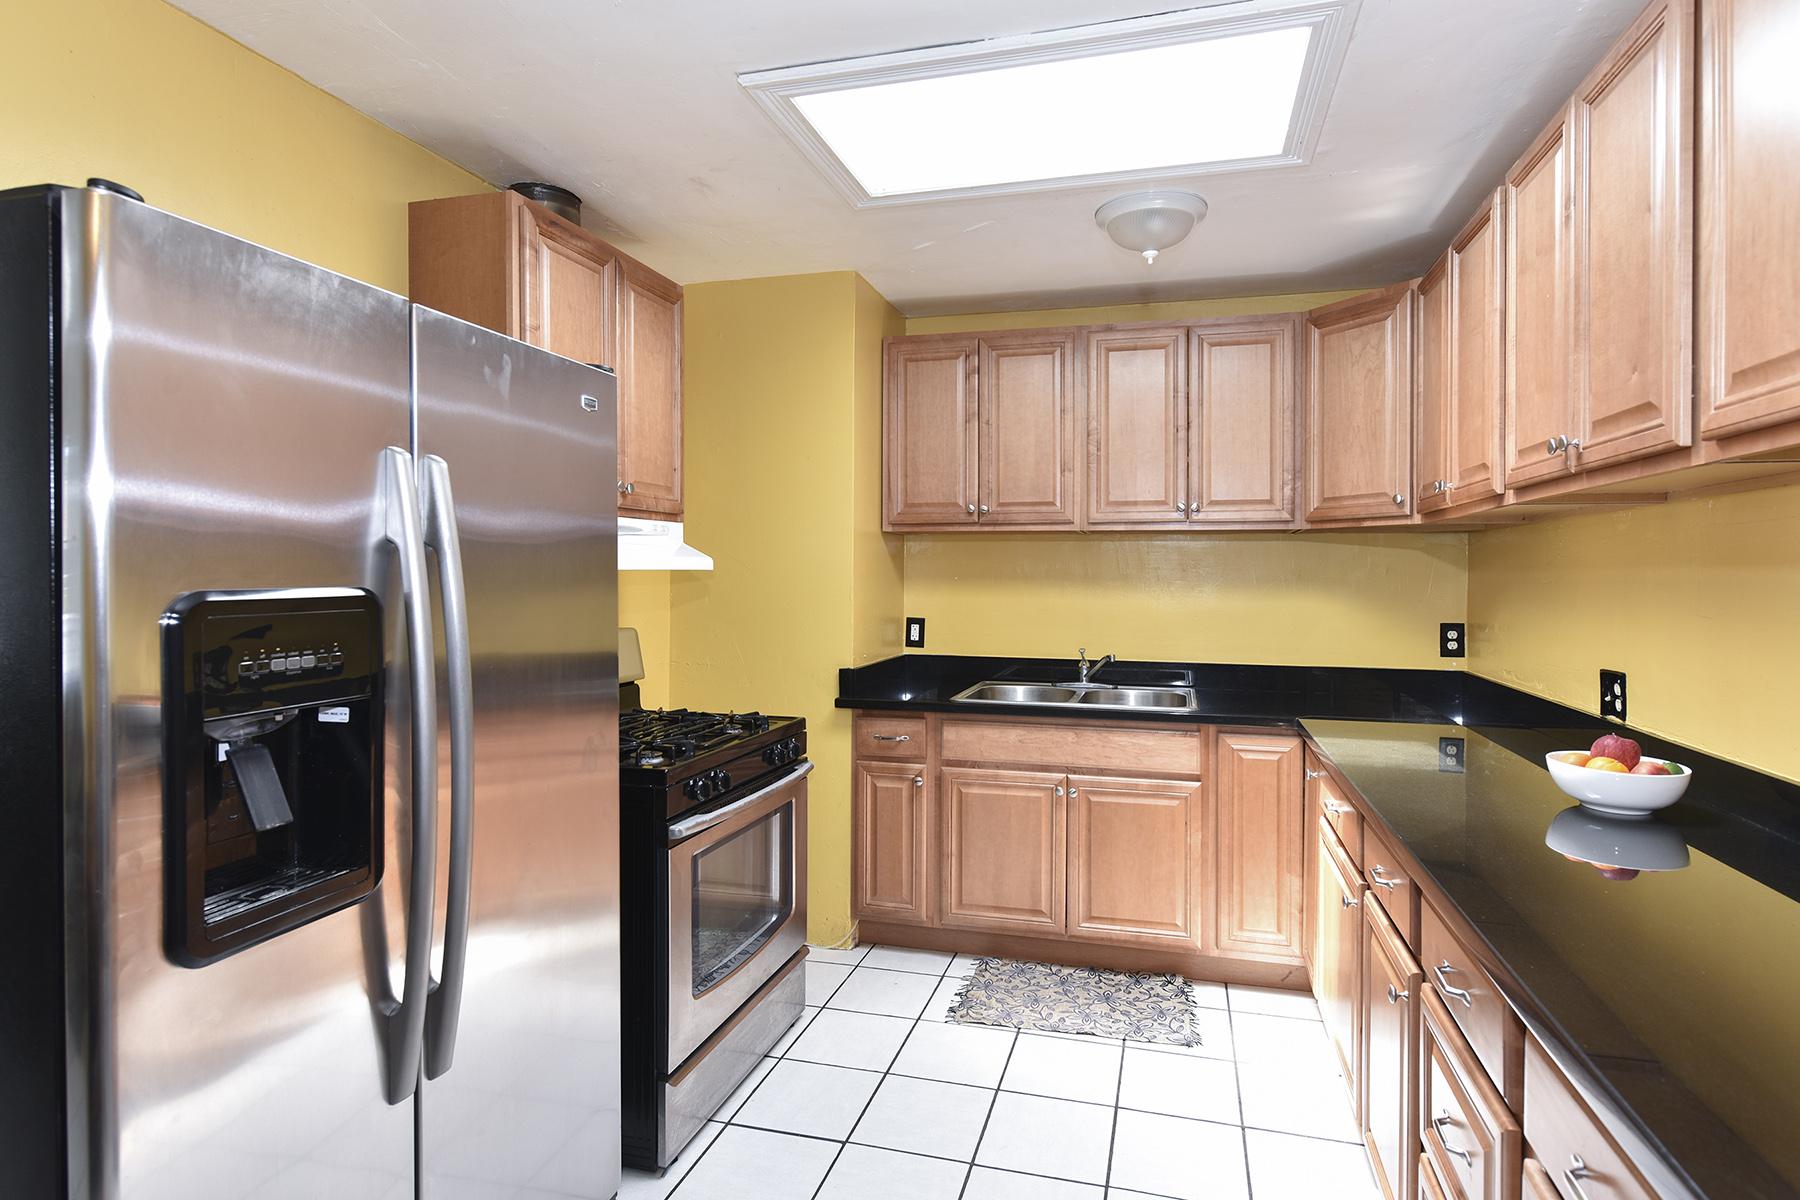 Nhà ở một gia đình vì Bán tại 82 Arboreo St, Napa, CA 94559 82 Arboreo St Napa, California, 94559 Hoa Kỳ